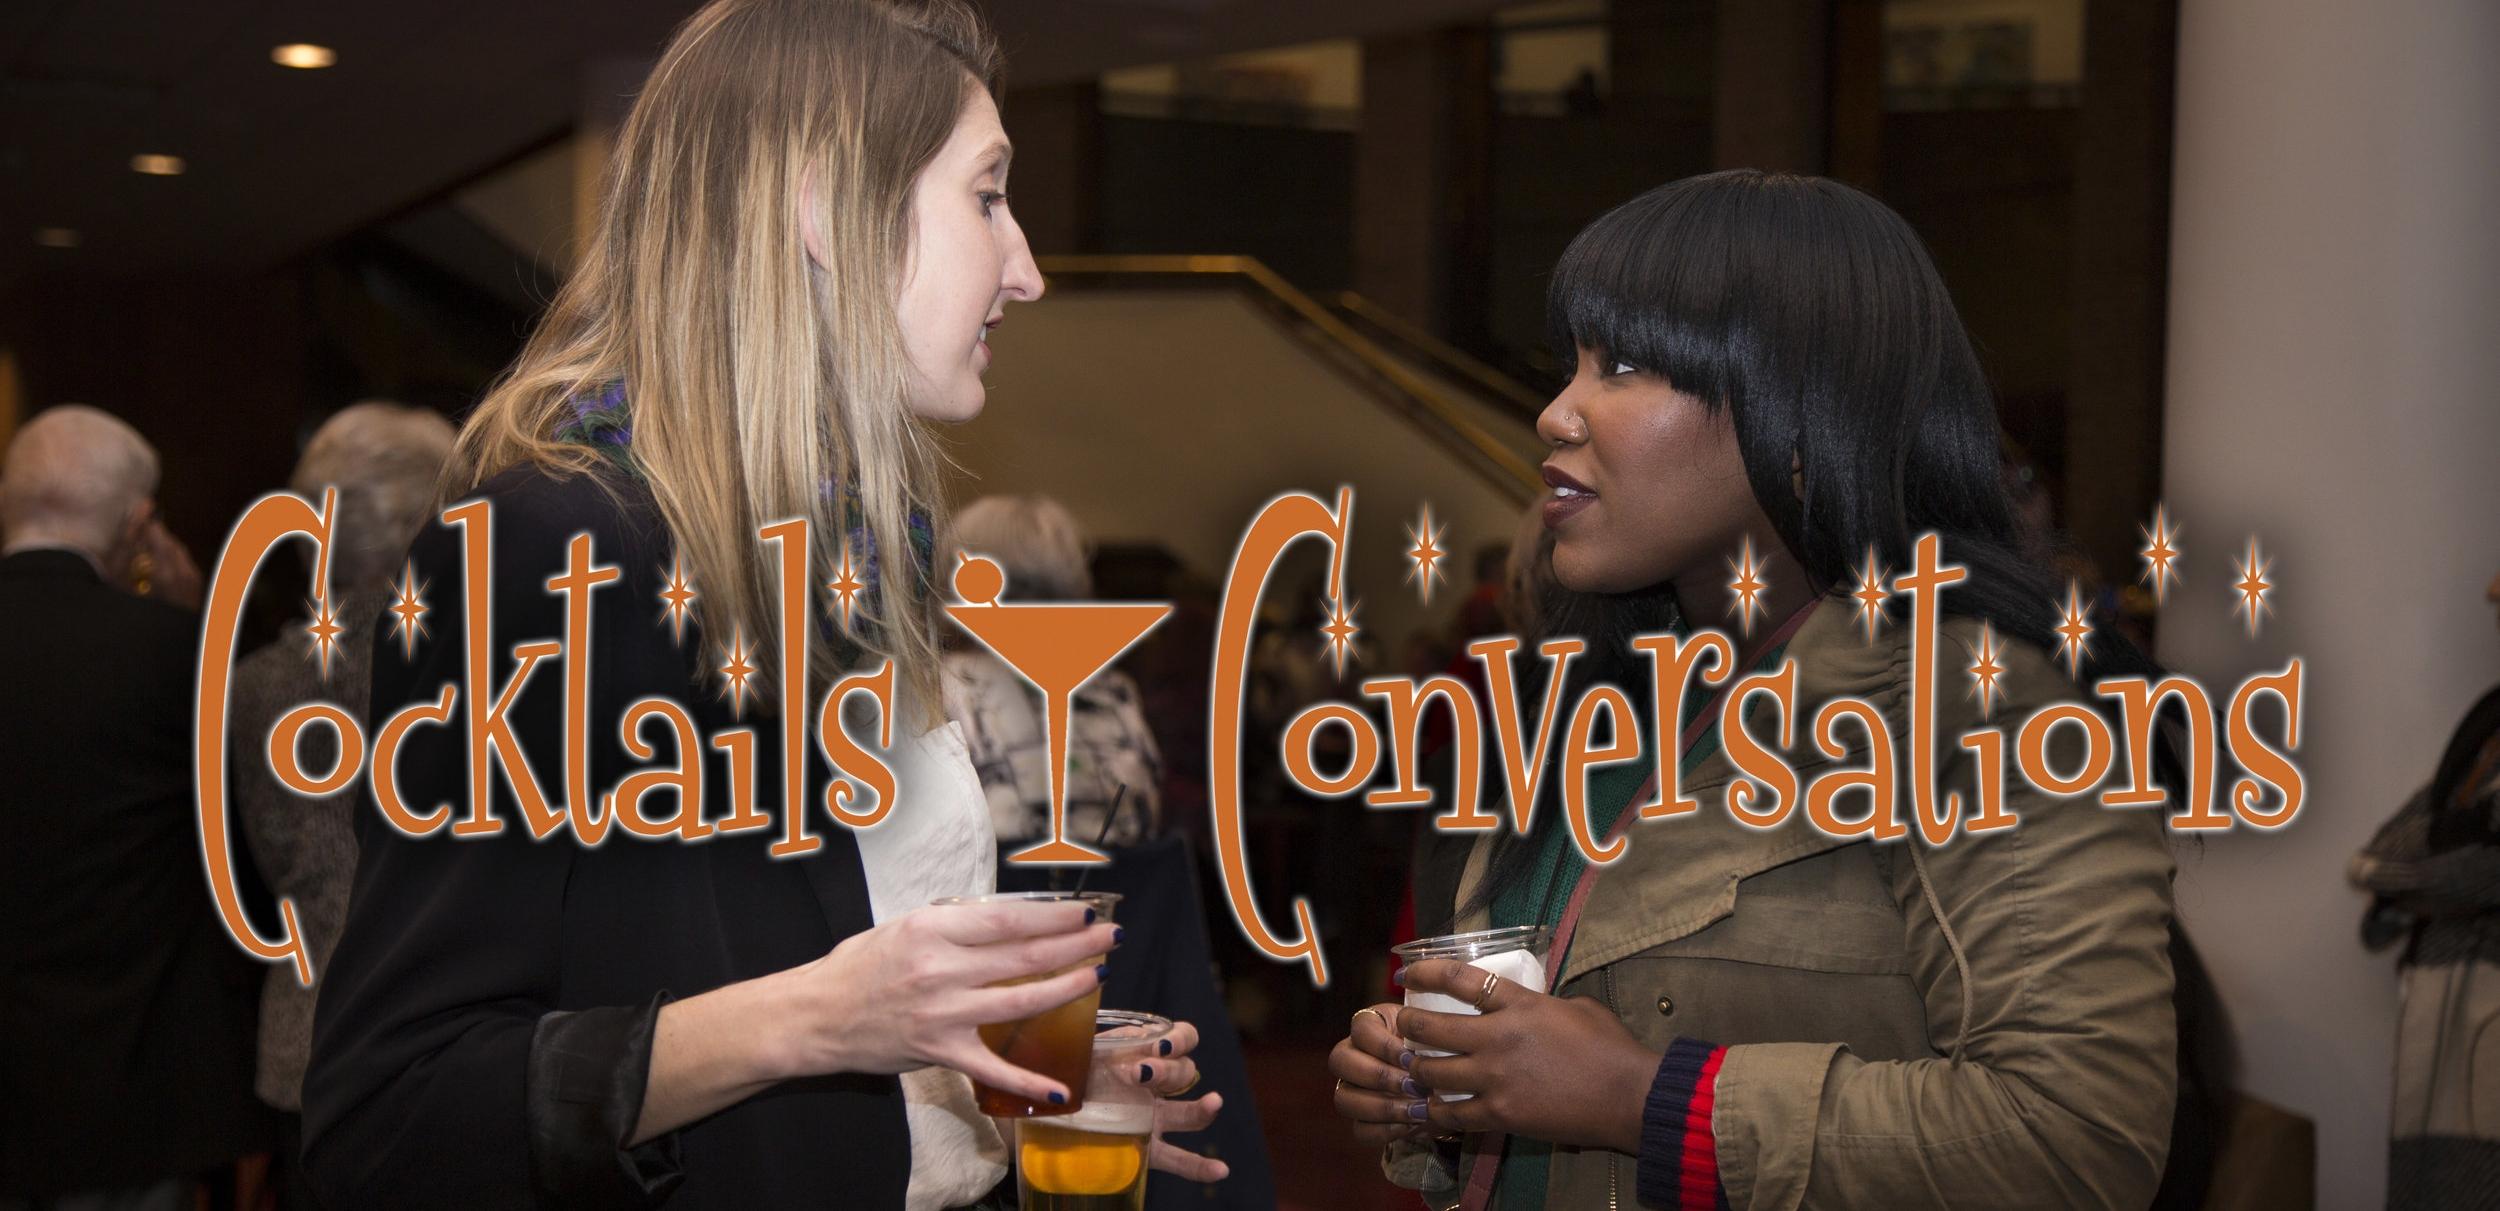 CocktailsConvos image.jpg